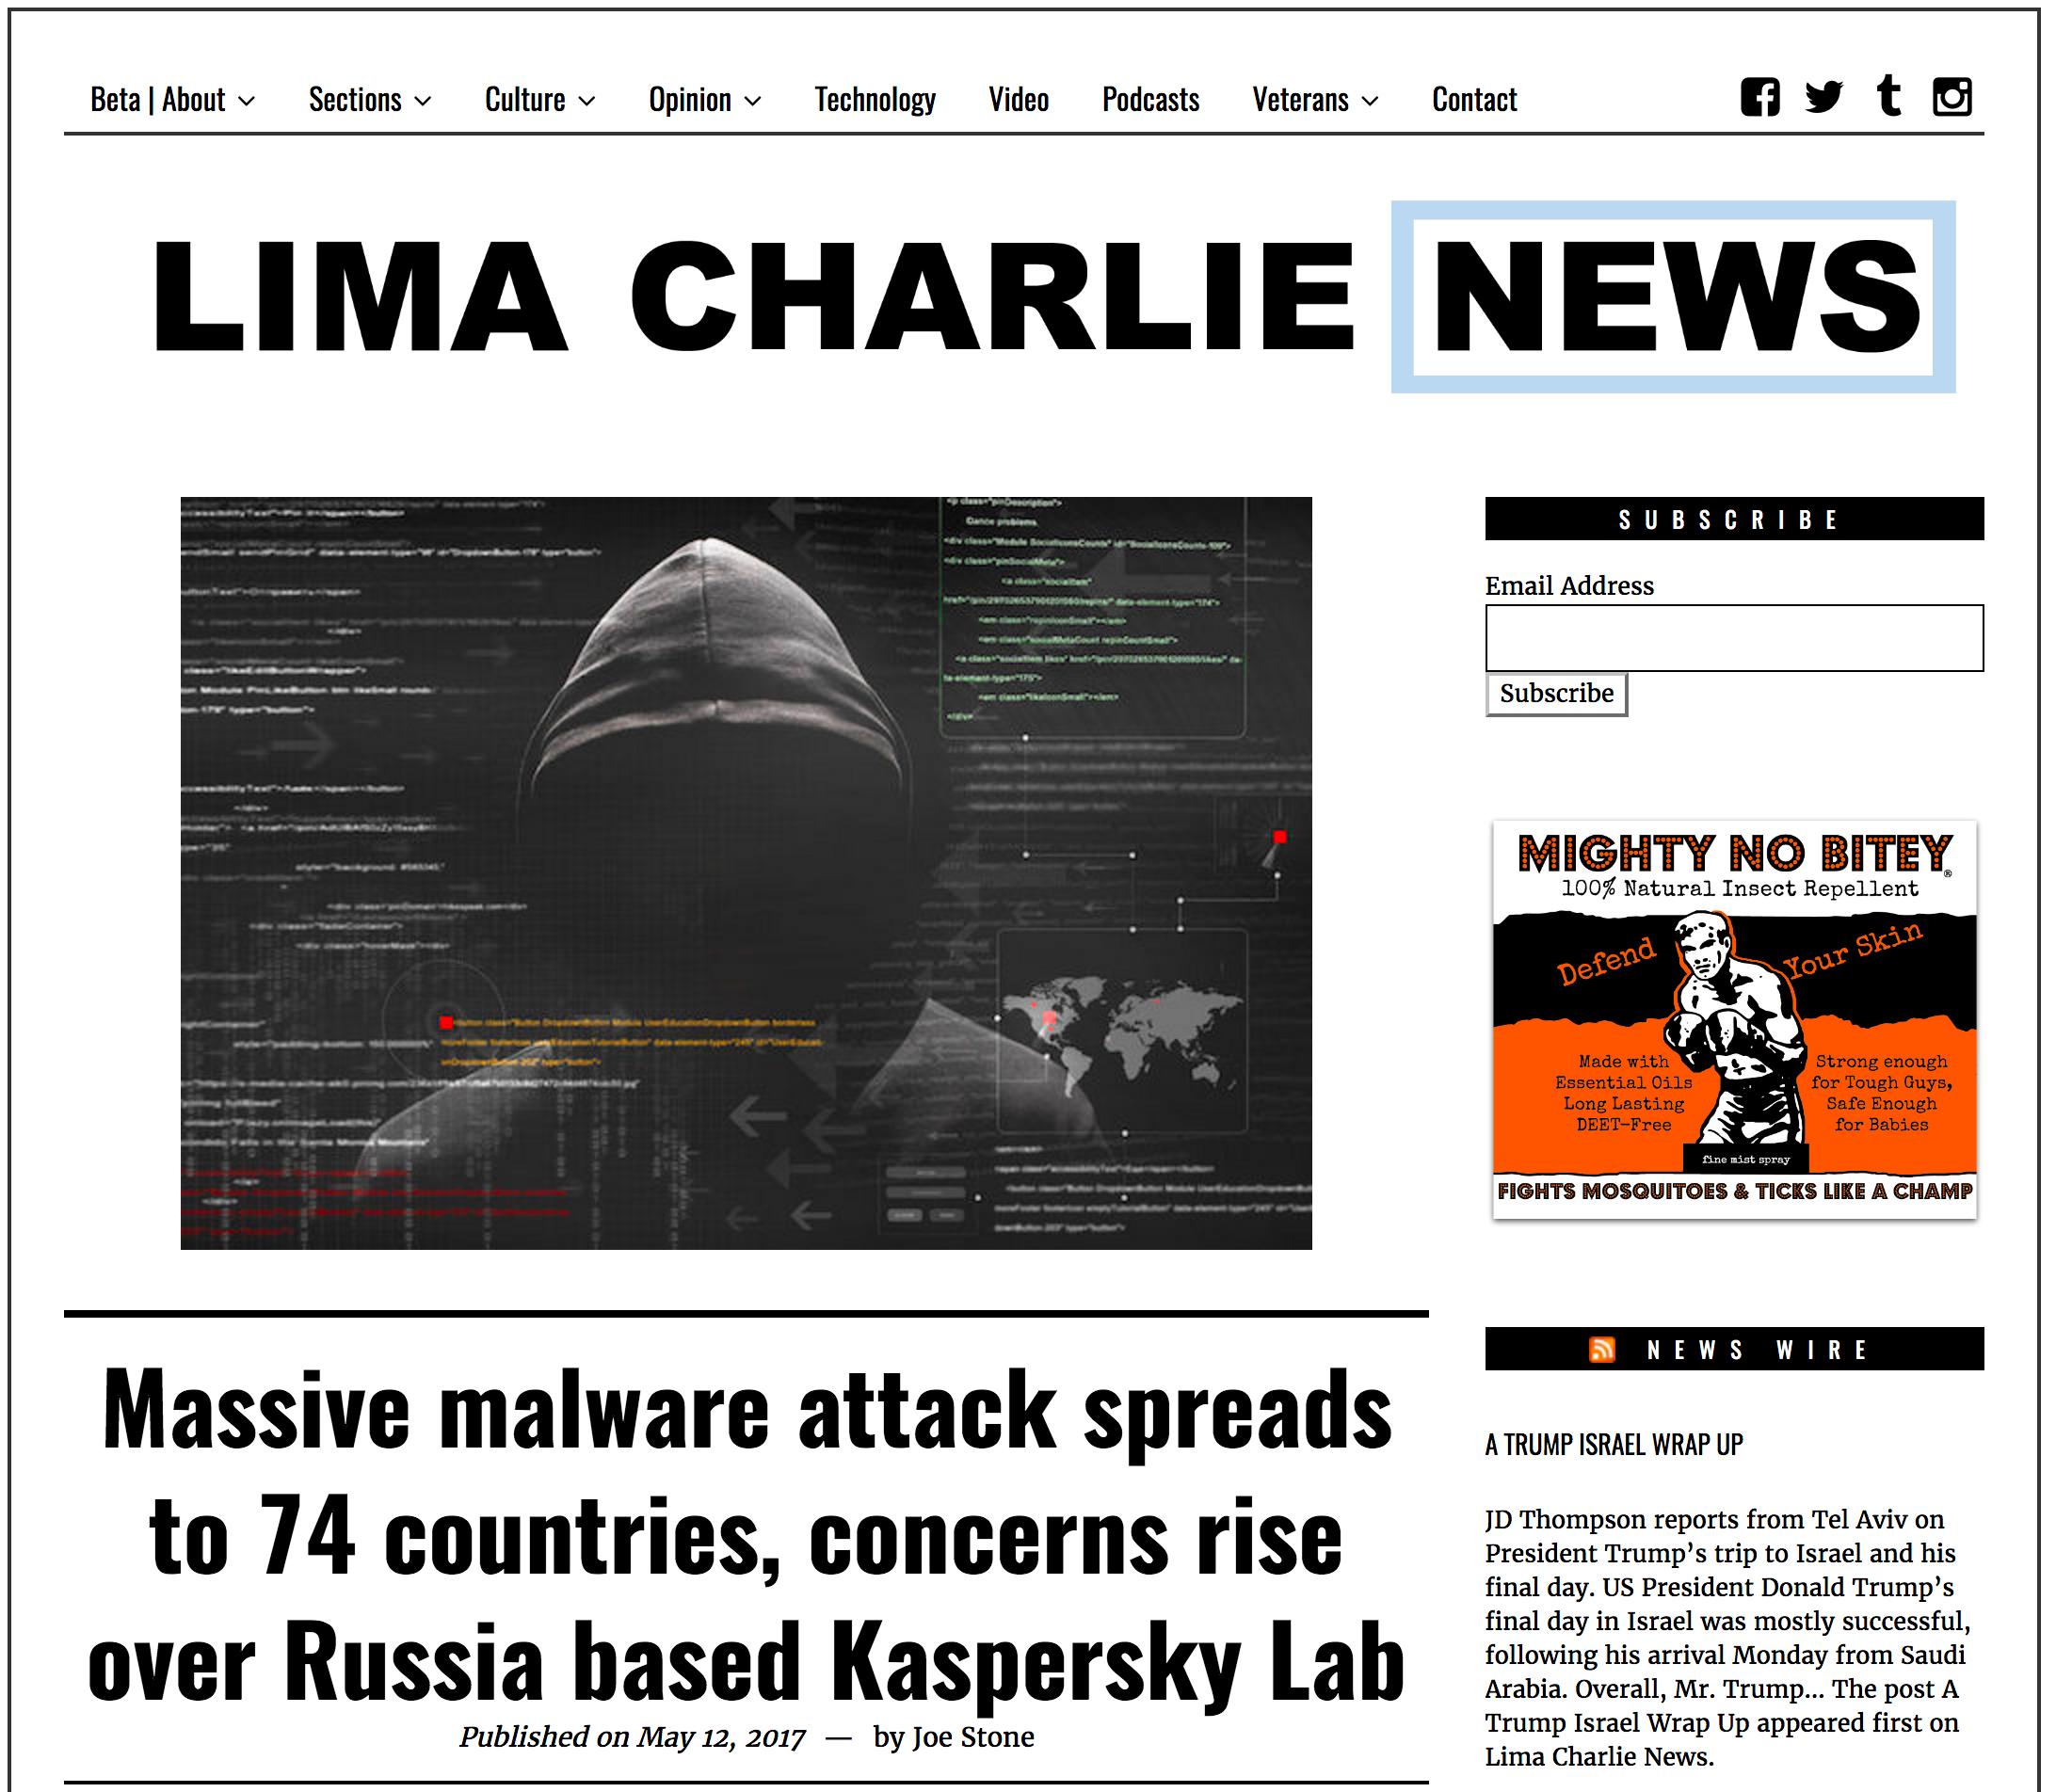 MalwareArticle